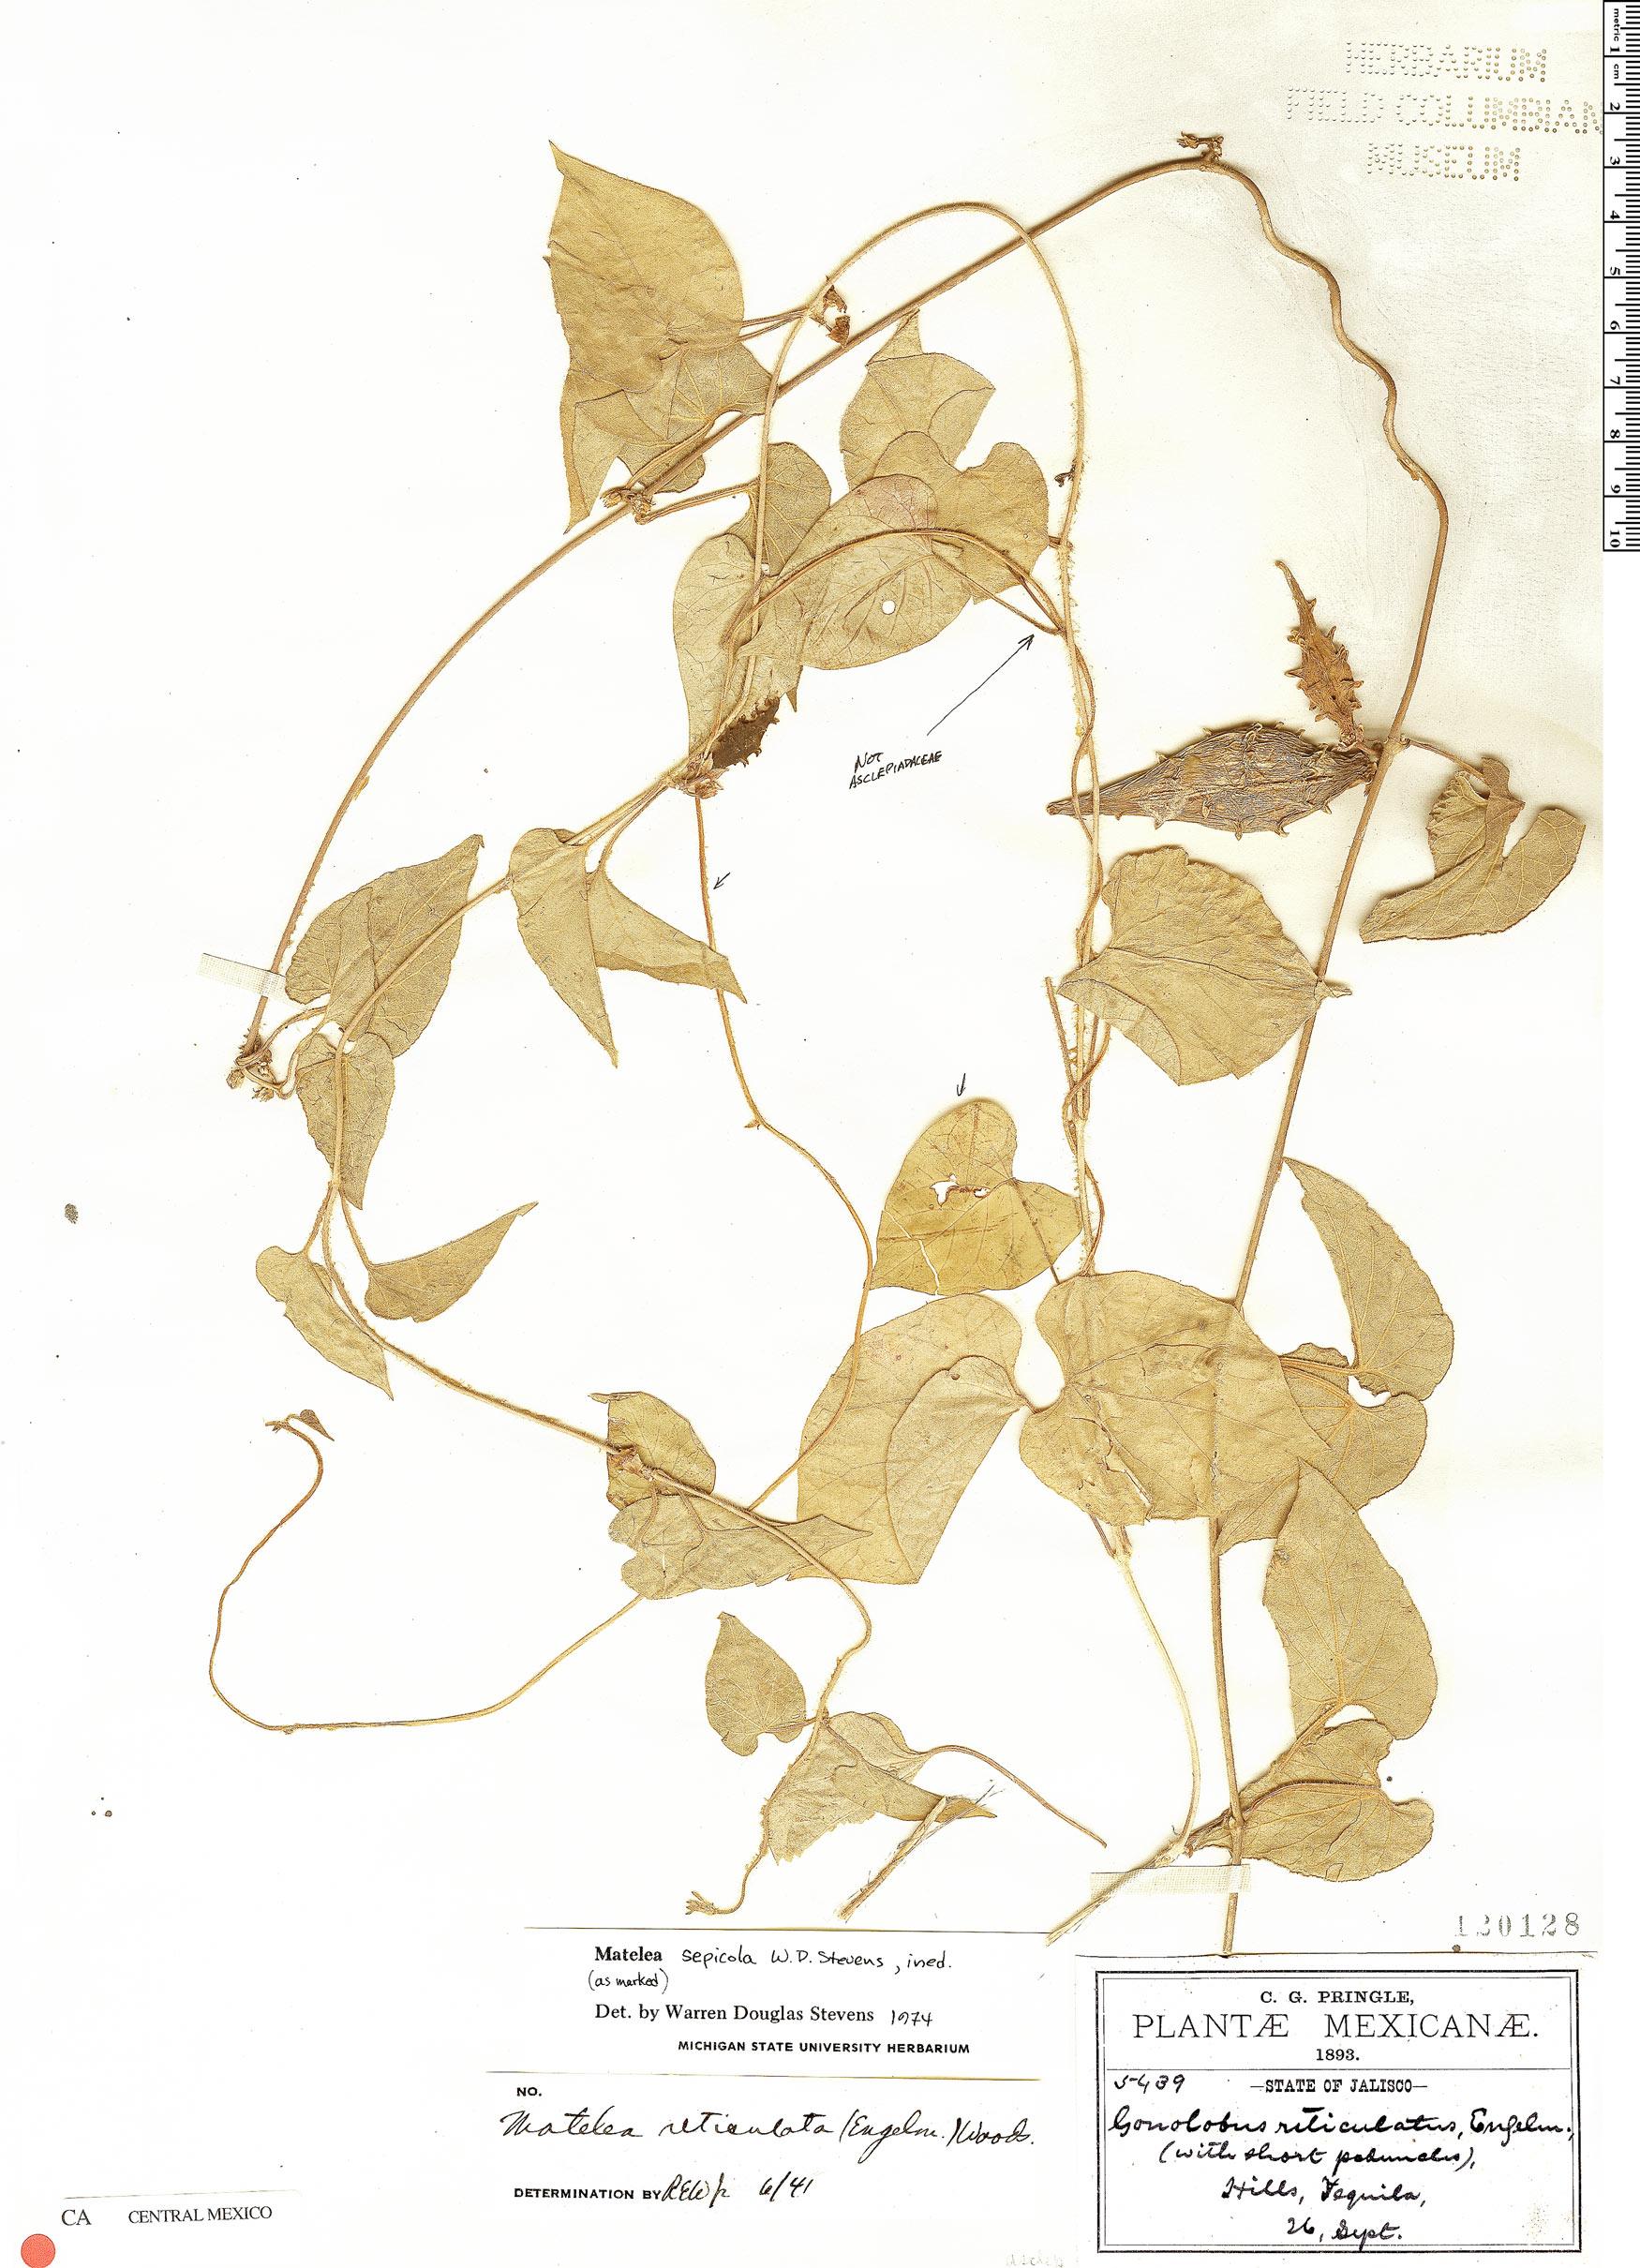 Specimen: Dictyanthus sepicola